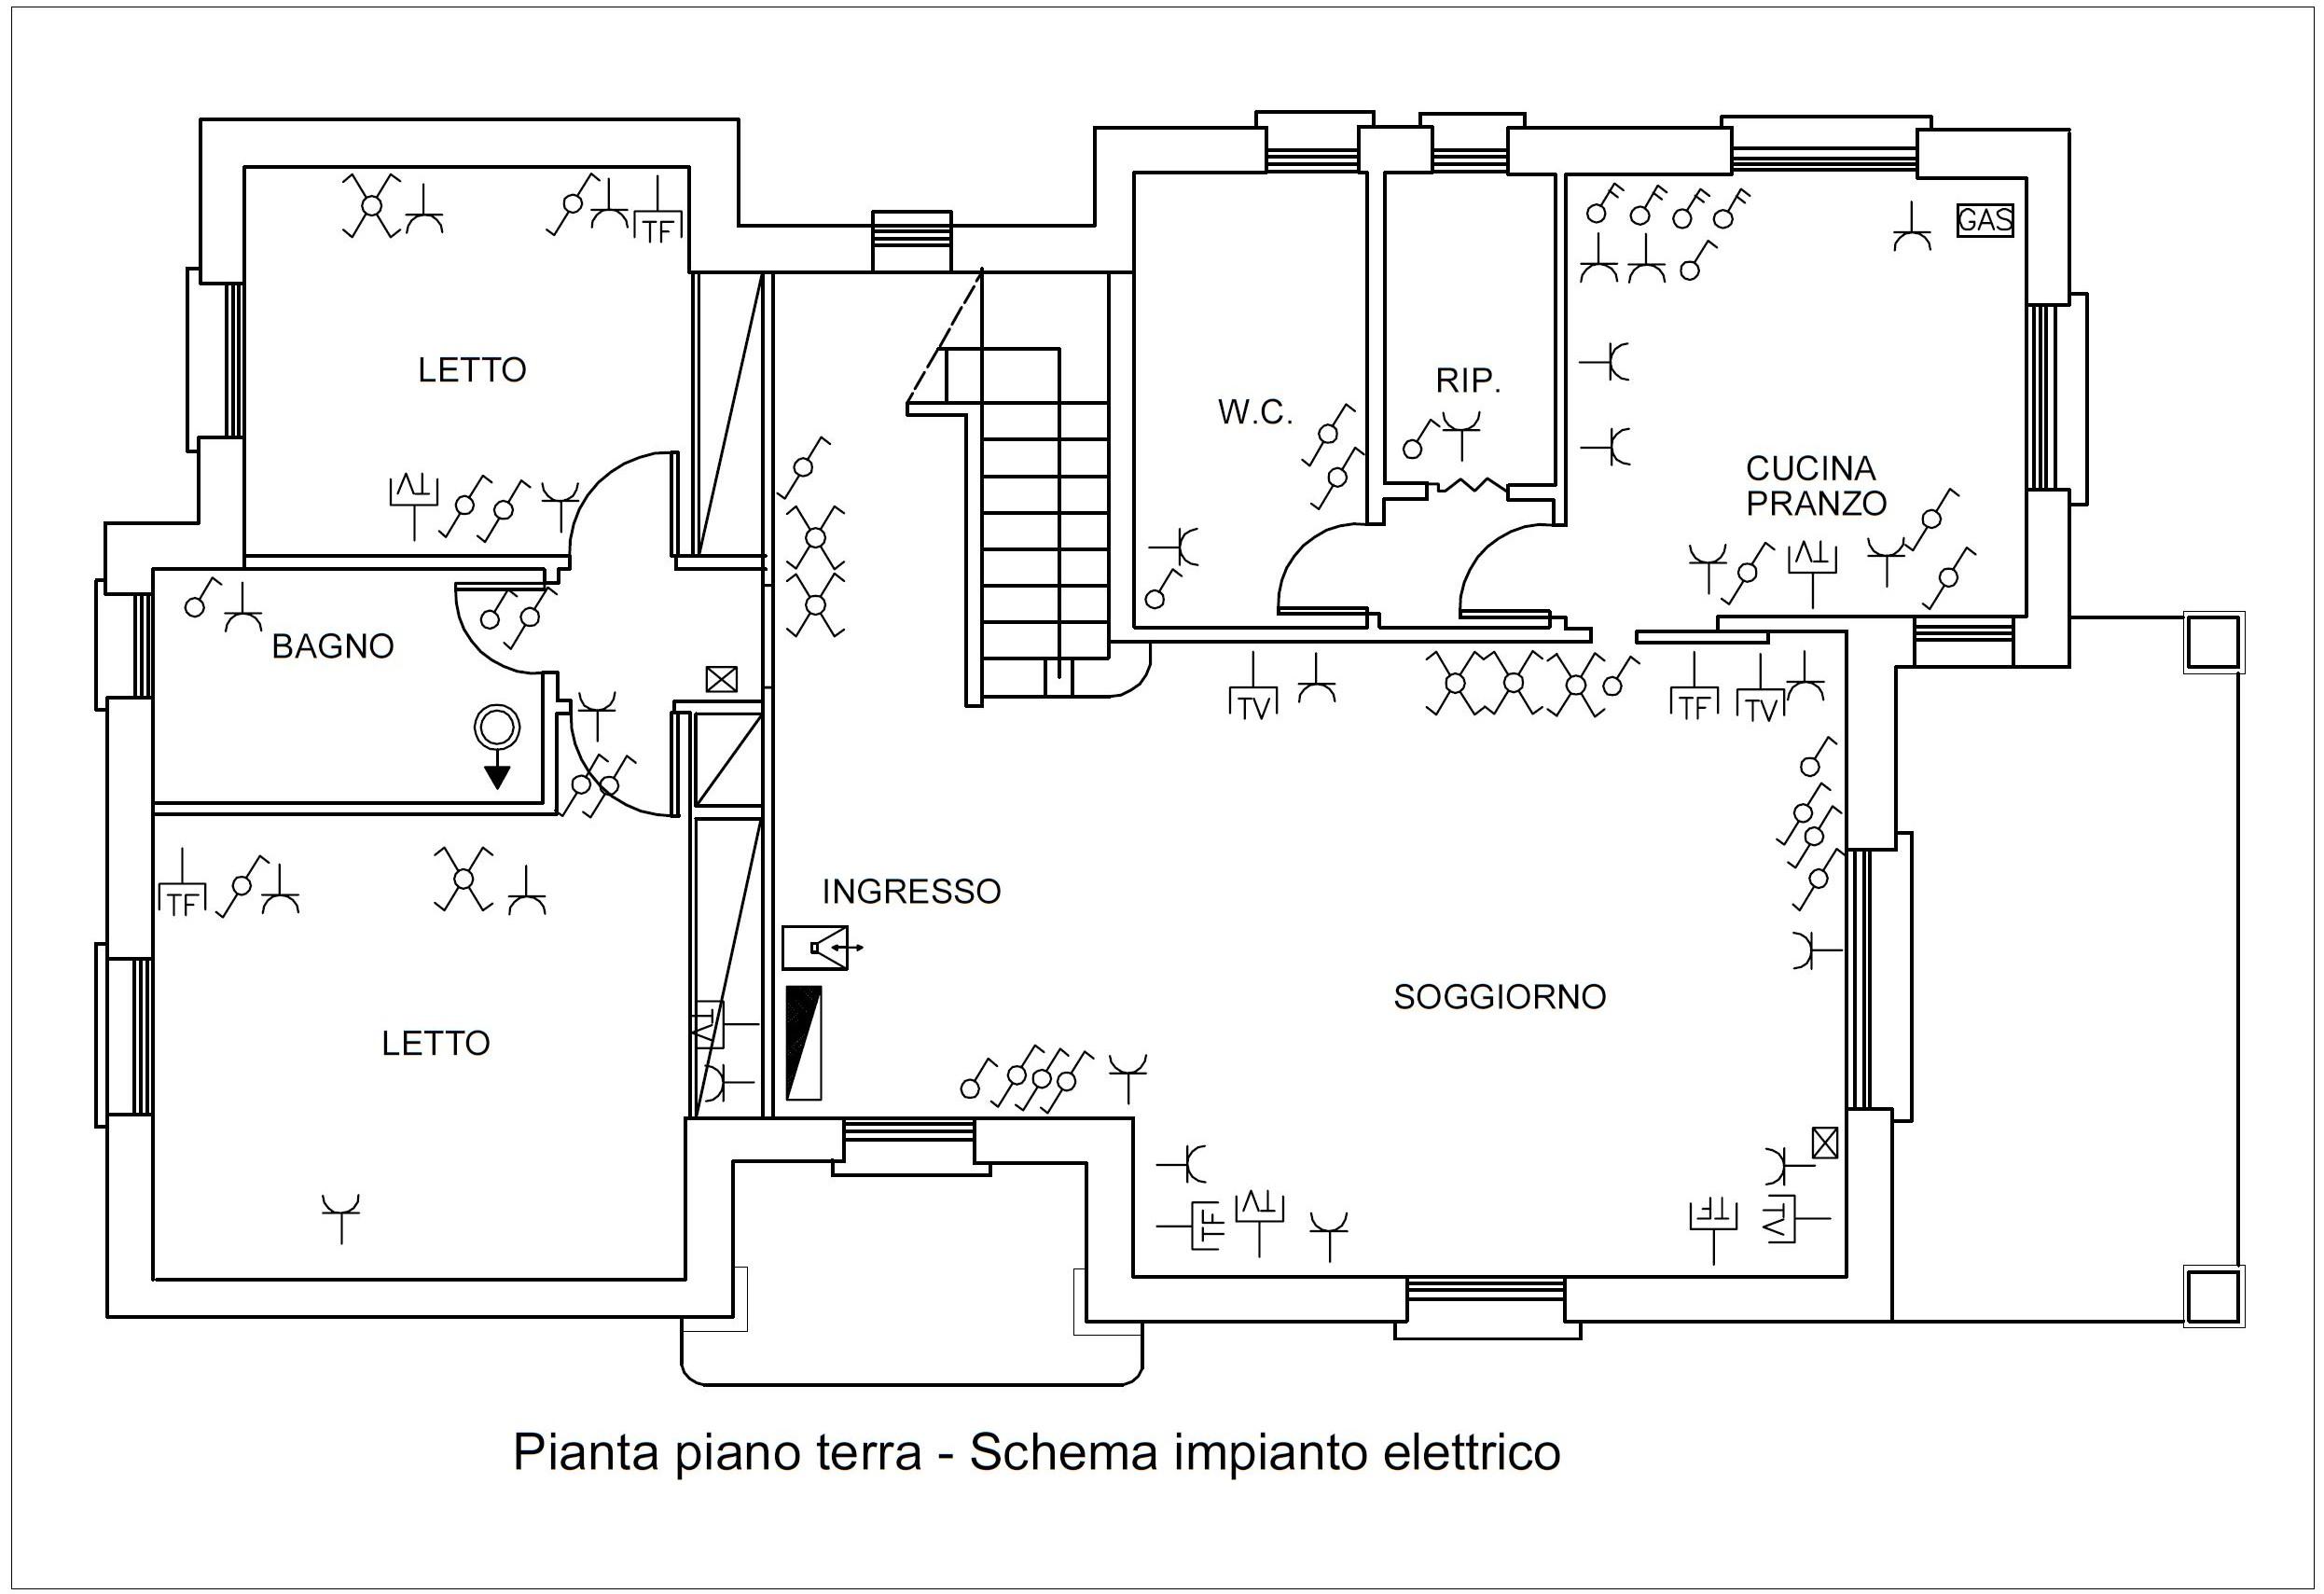 Schemi Elettrici Impianti : Progettazione impianti elettrici archdesignonline